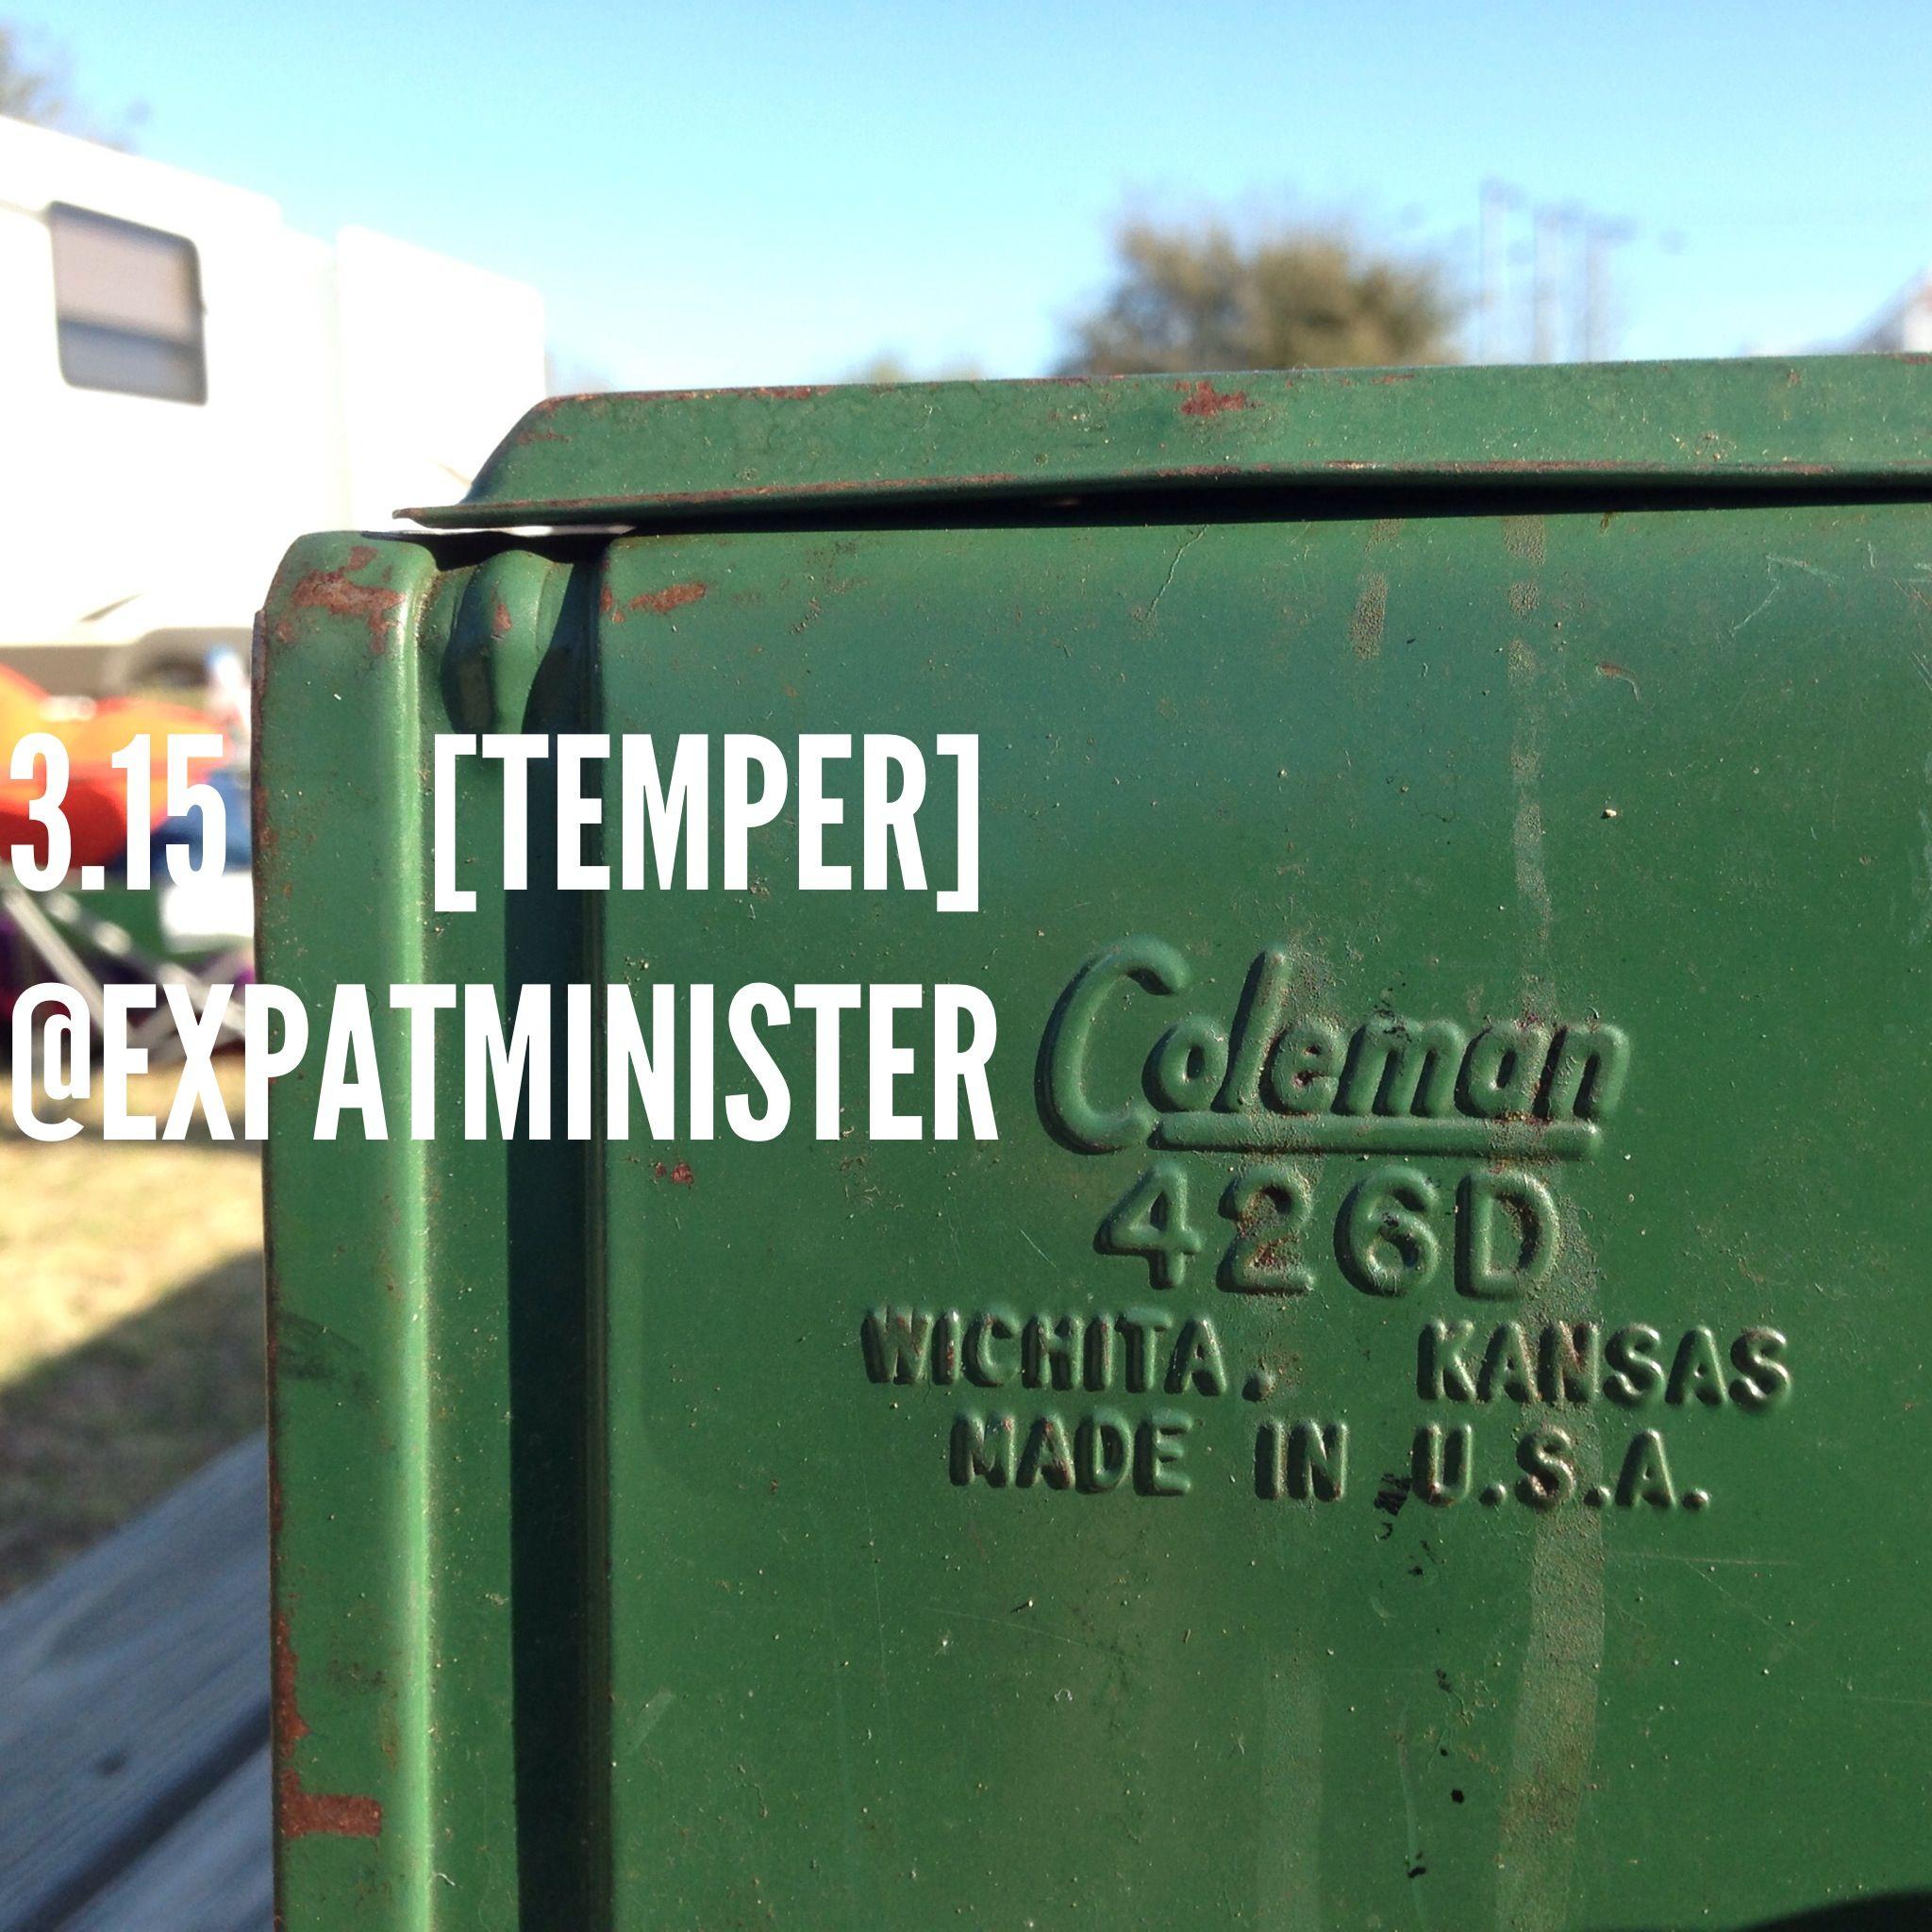 3.15 [temper] use as a verb